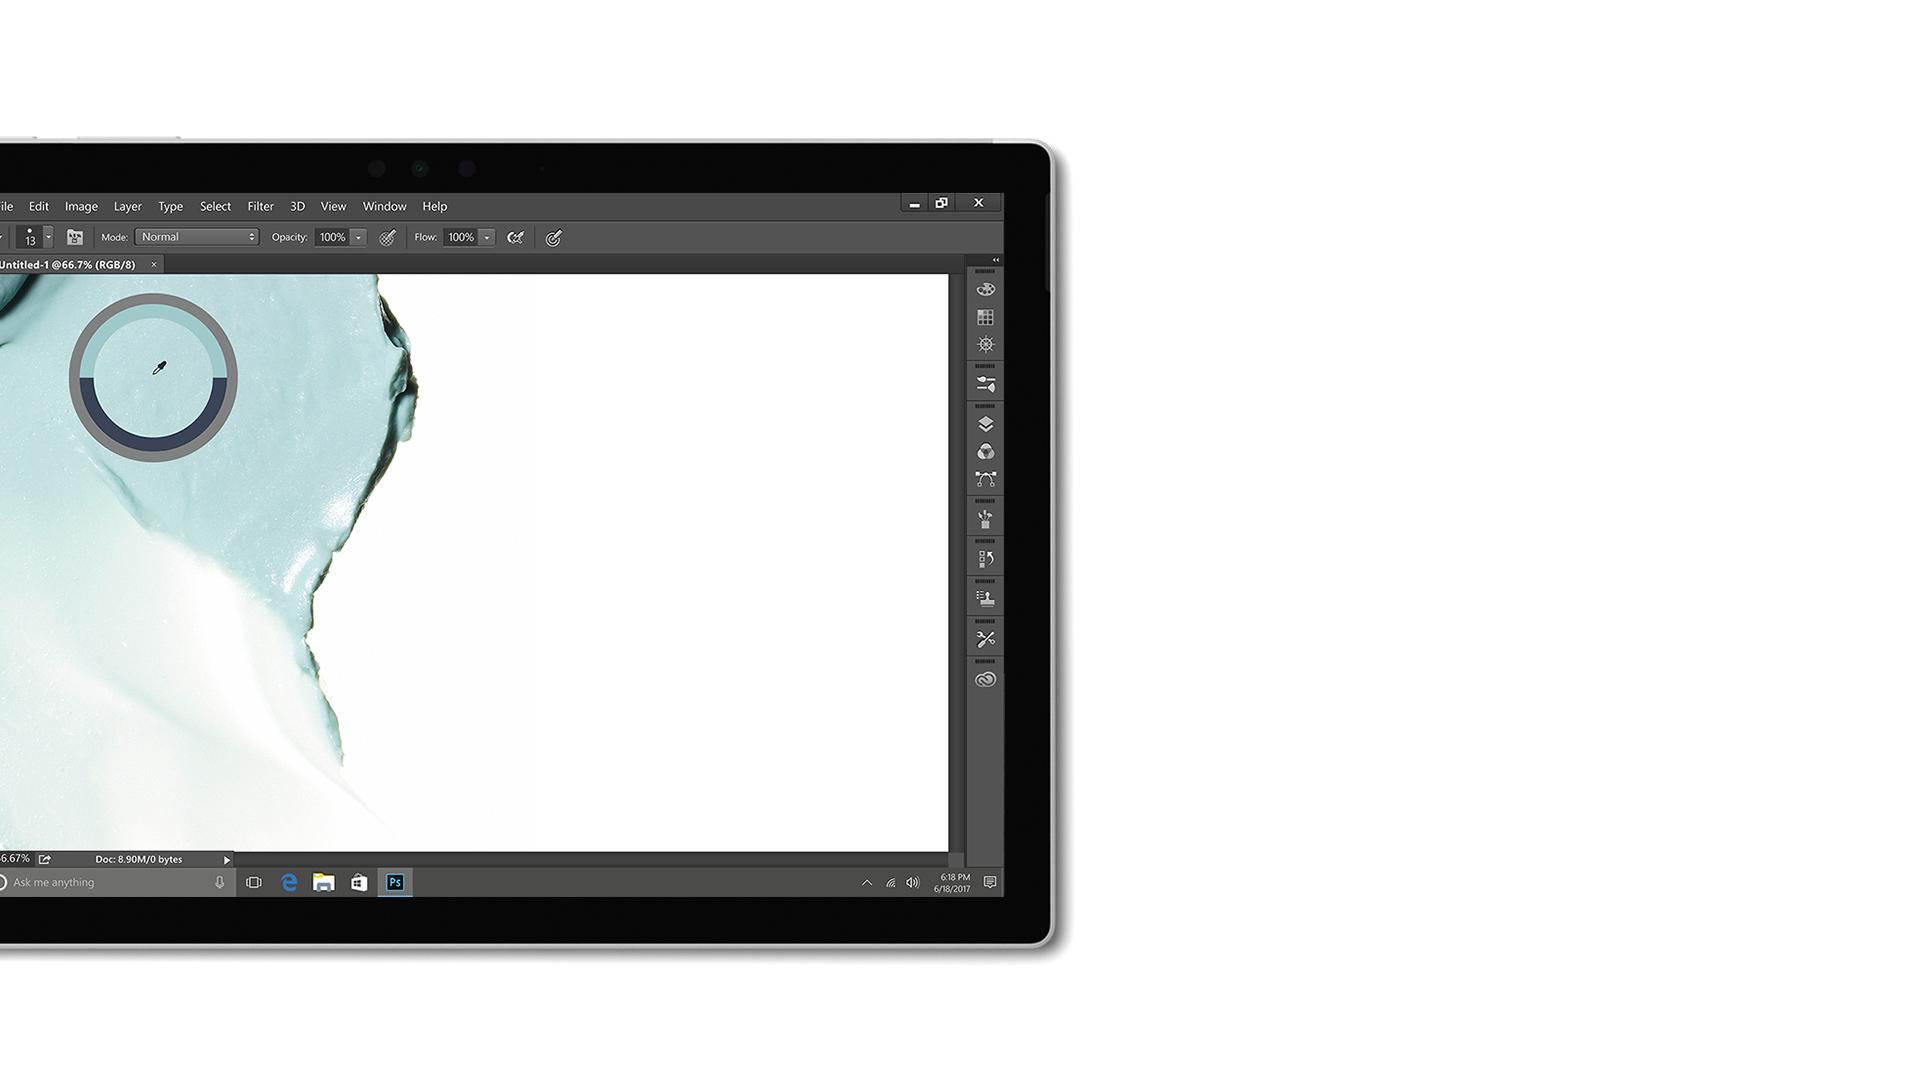 Captura de ecrã de aplicação do Creative Cloud no Surface.